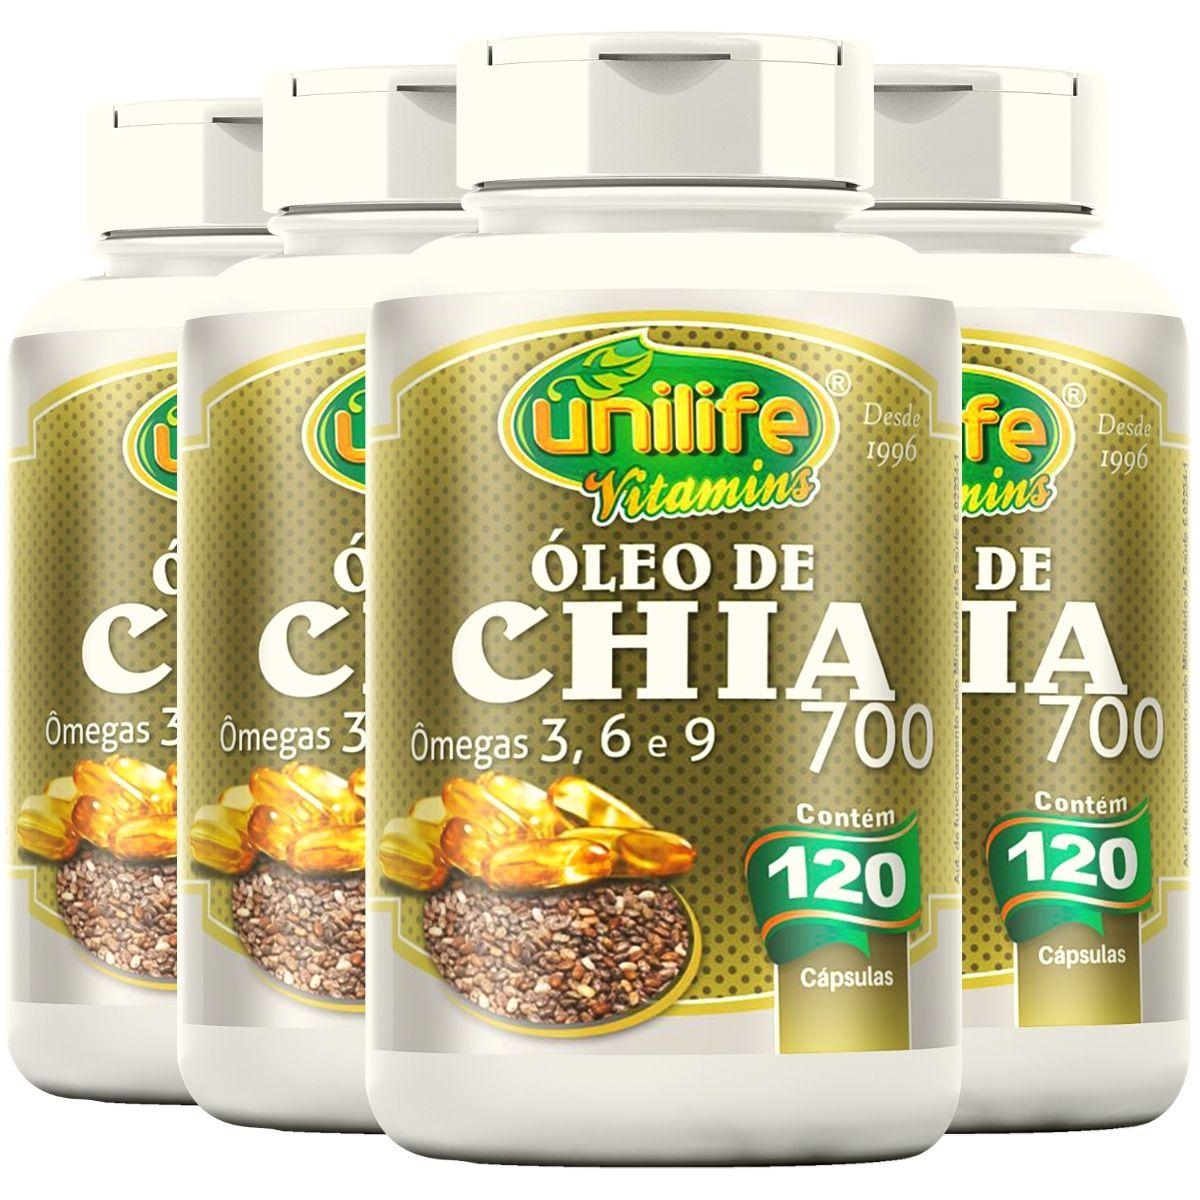 Kit 4 Óleo de Chia 120 Cápsulas Unilife - Rico em Omega 3, 6 e 9